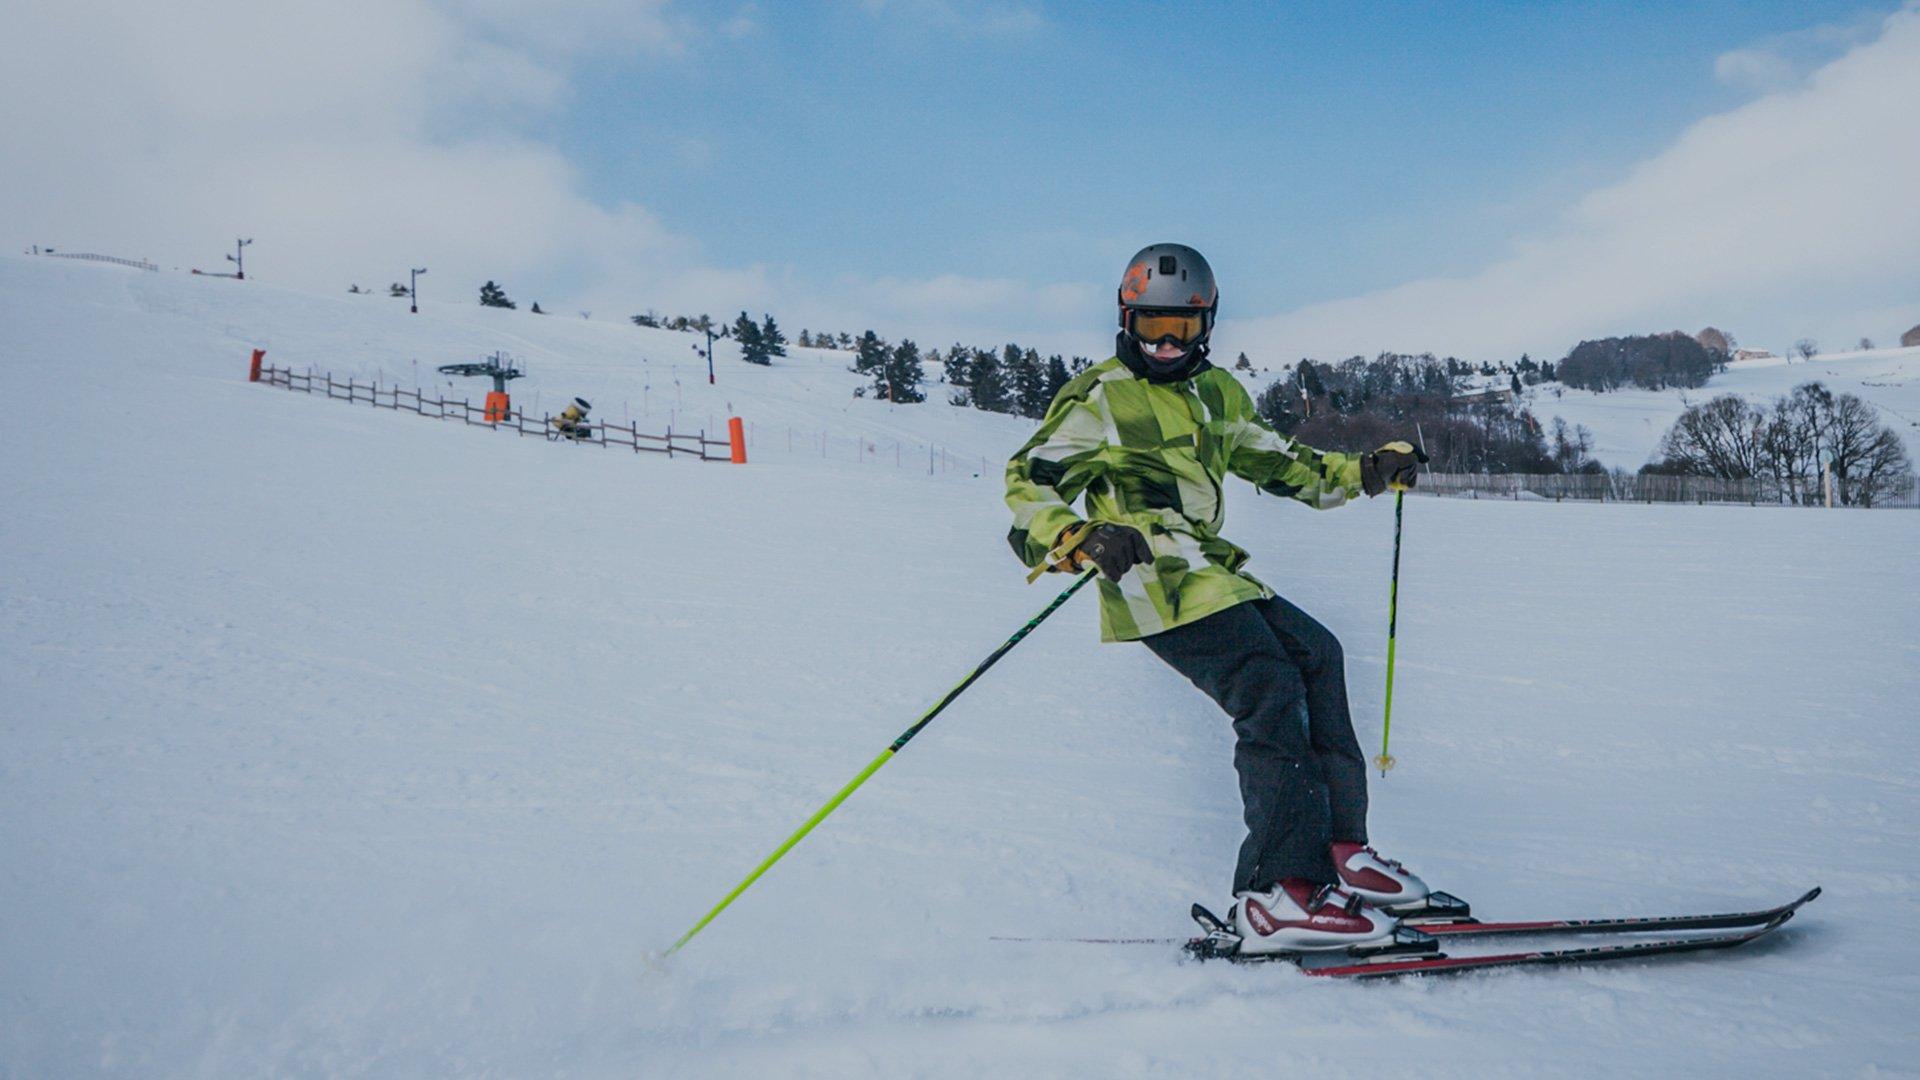 praboure-parc-de-montage-station-de-ski-hiver-slider-1